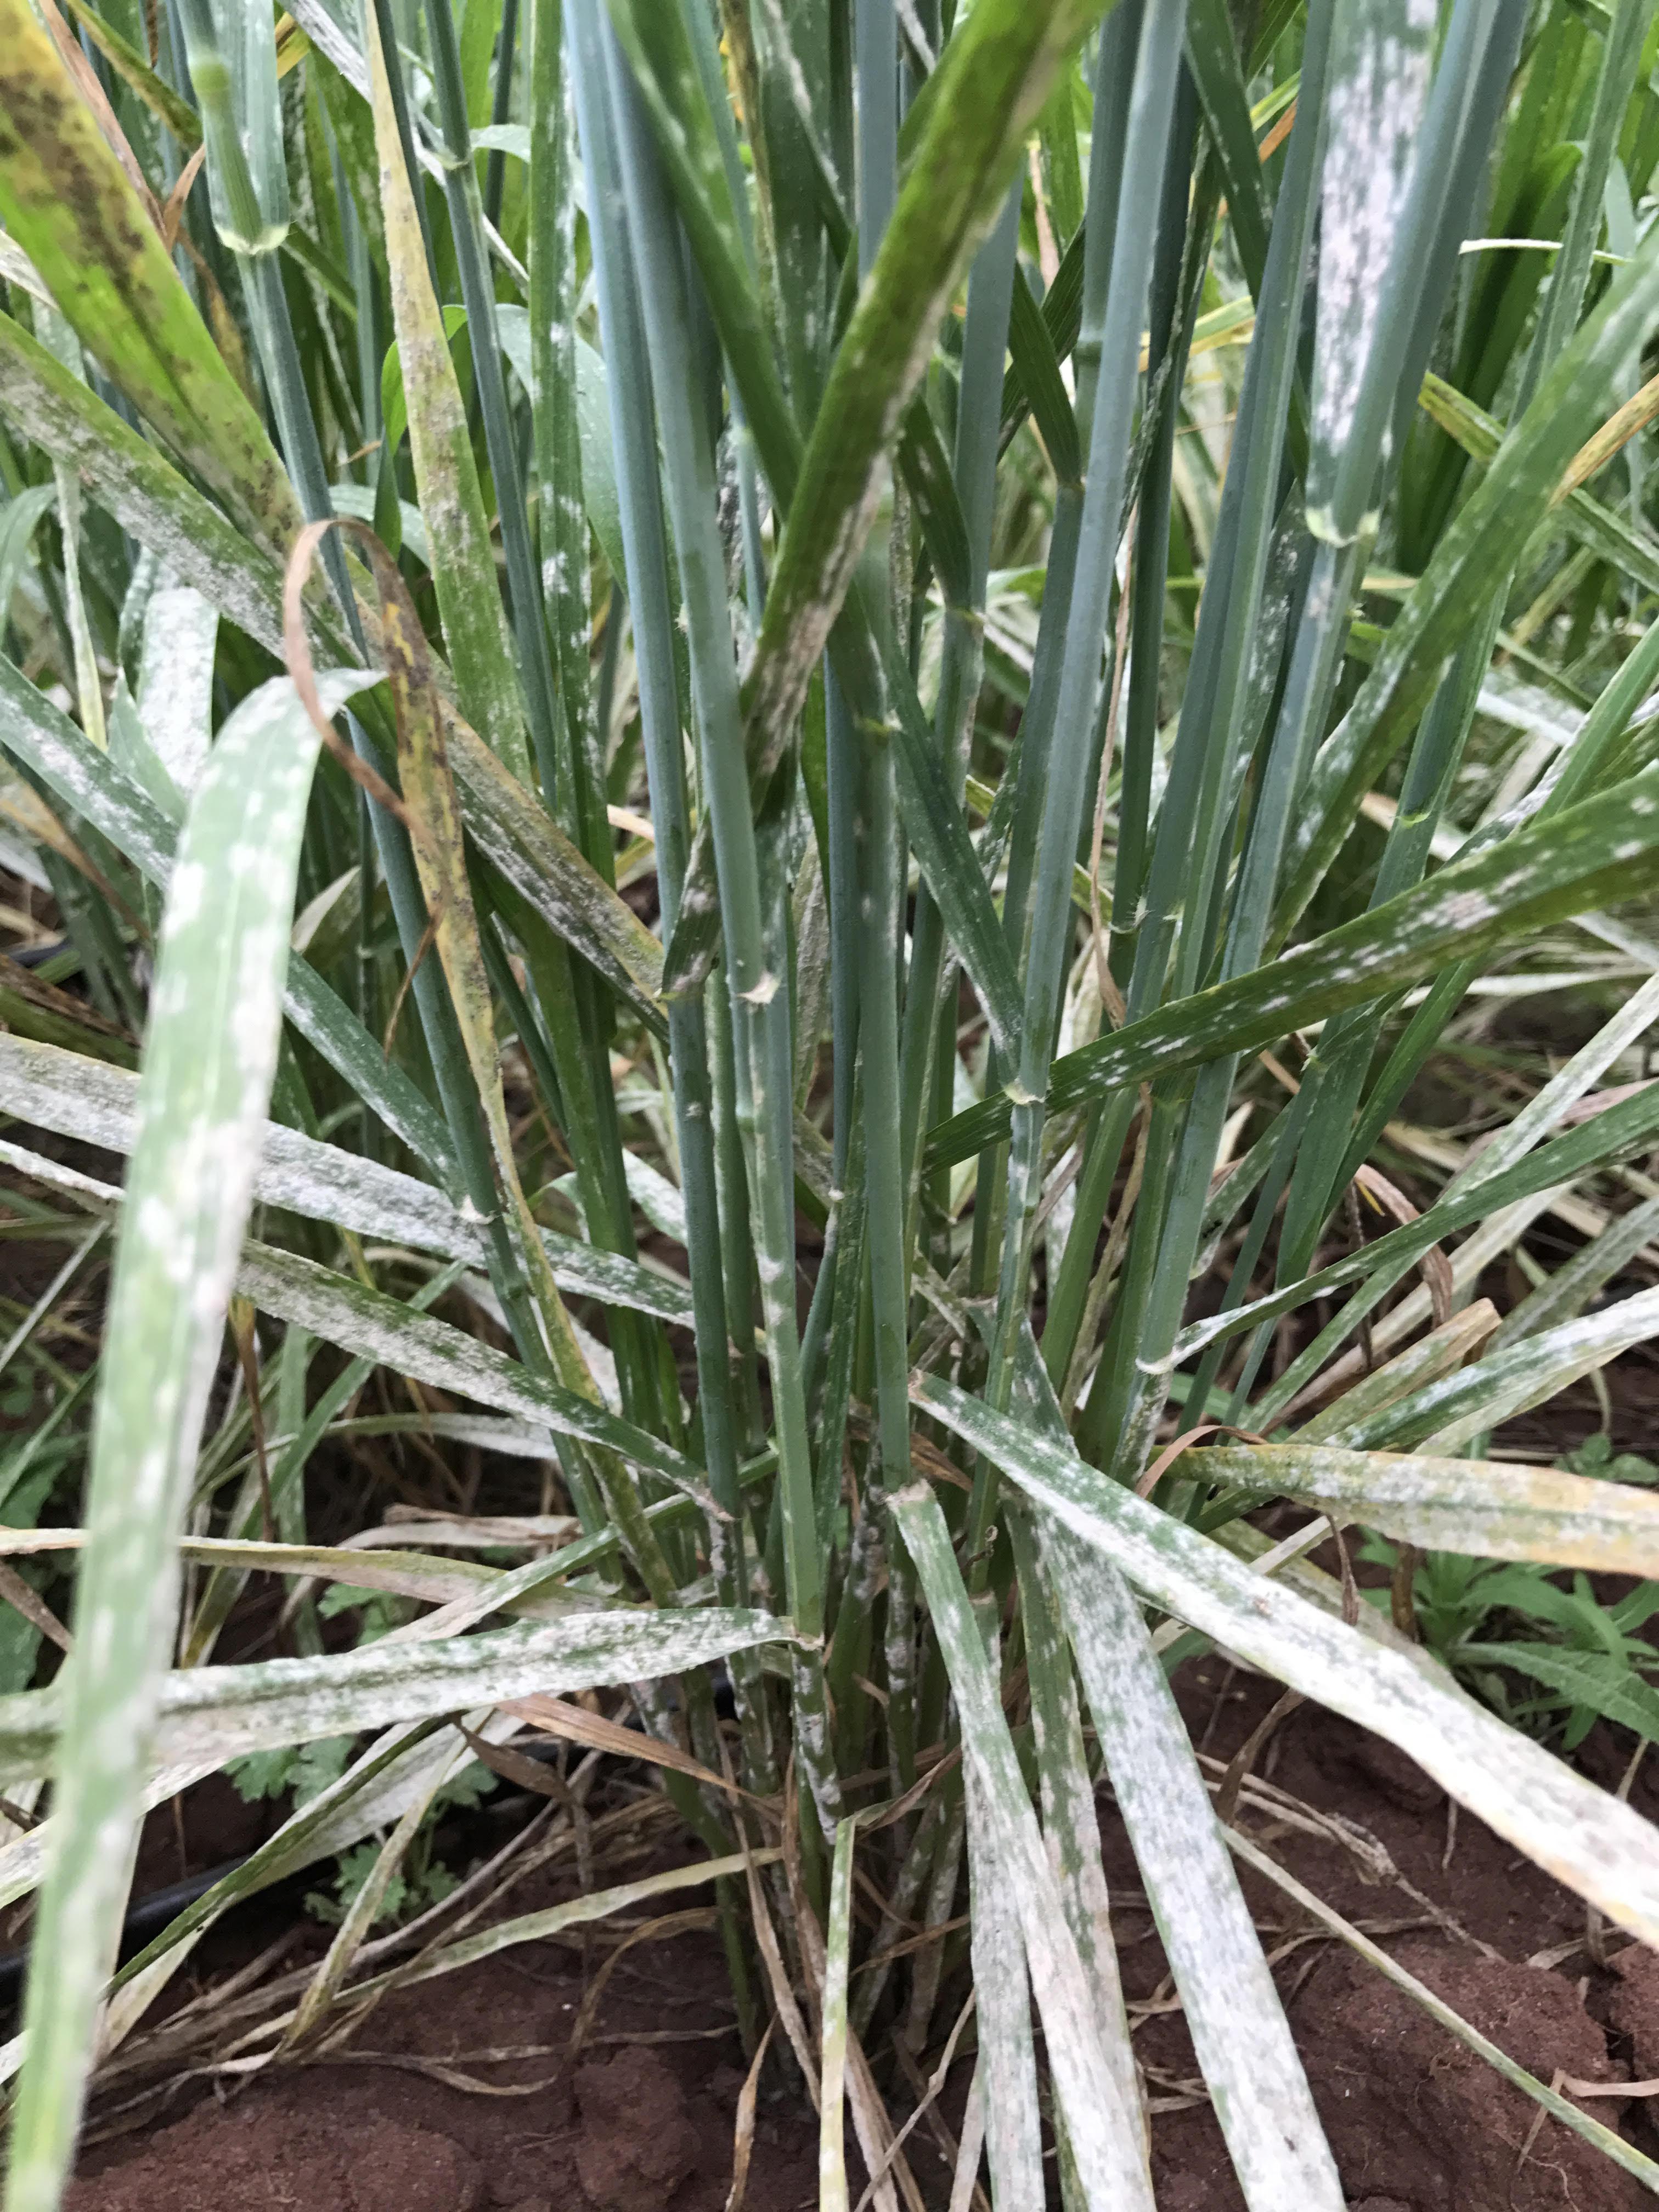 Tempo seco e temperaturas amenas facilitaram a infecção do Oídio no trigo. Fotos: Divulgação Biotrigo Genética